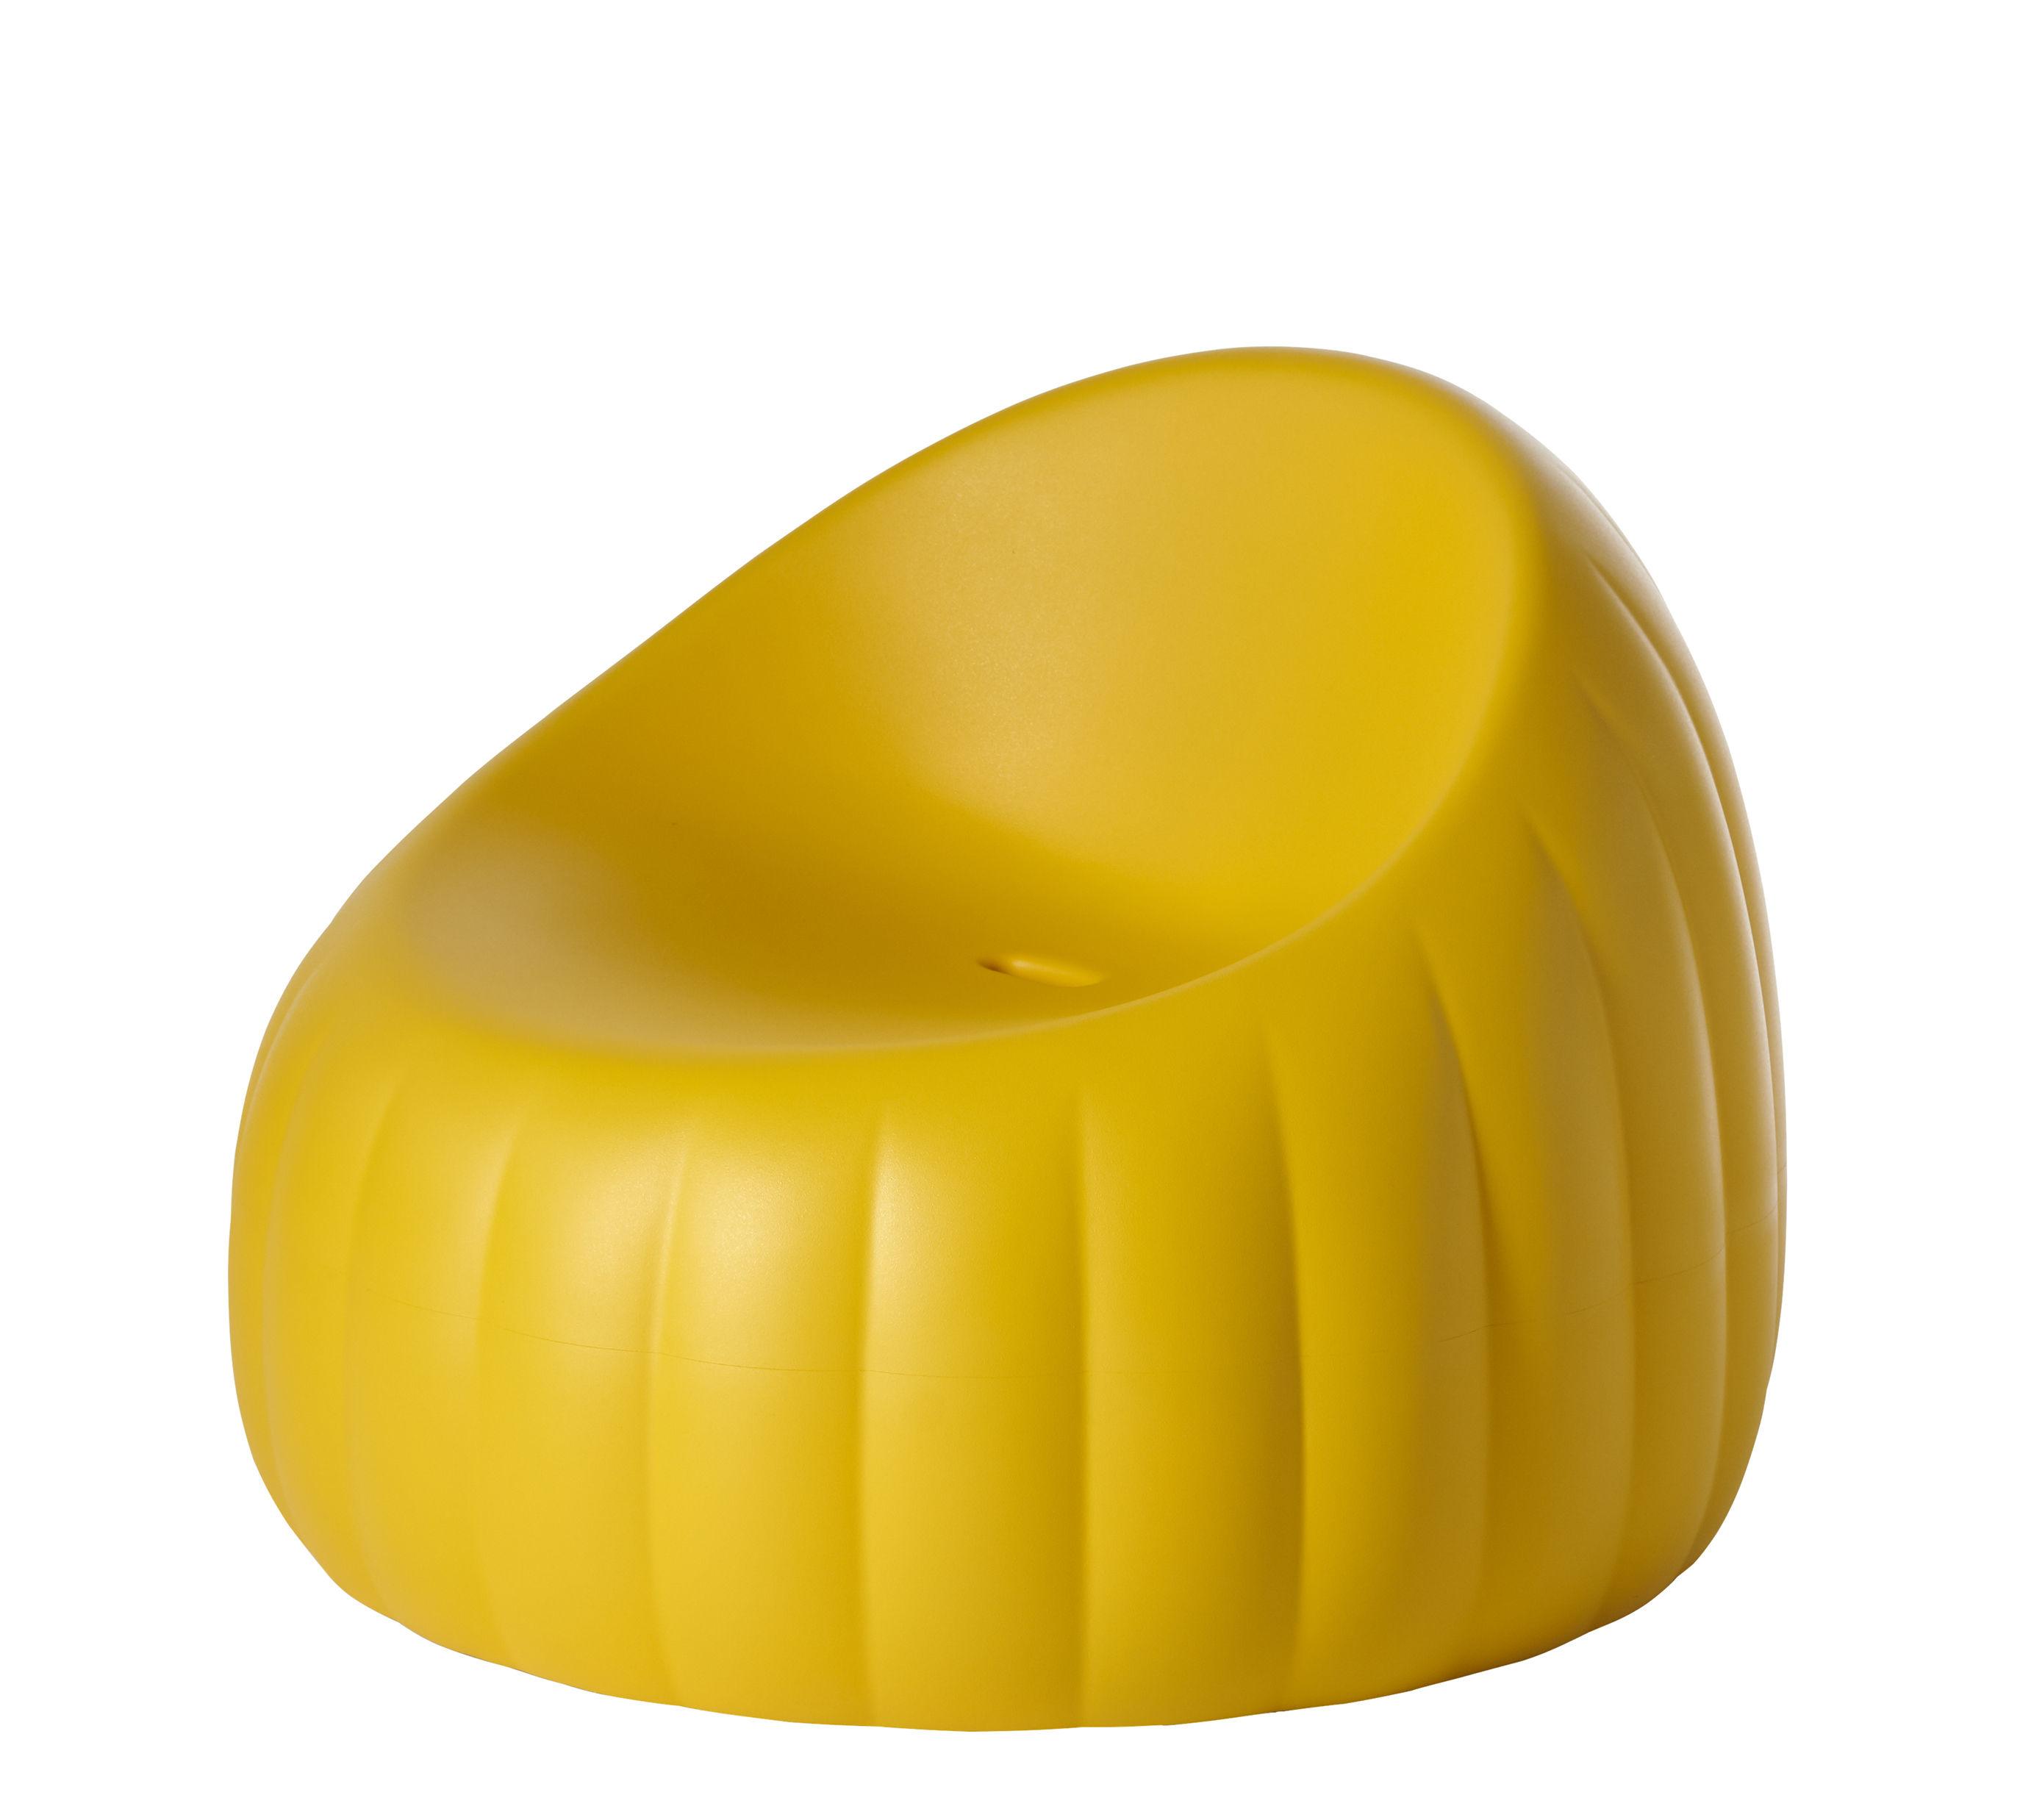 Mobilier - Fauteuils - Fauteuil bas Pouf Gelée Lounge / Mousse polyuréthane - Slide - Jaune - Mousse polyuréthane